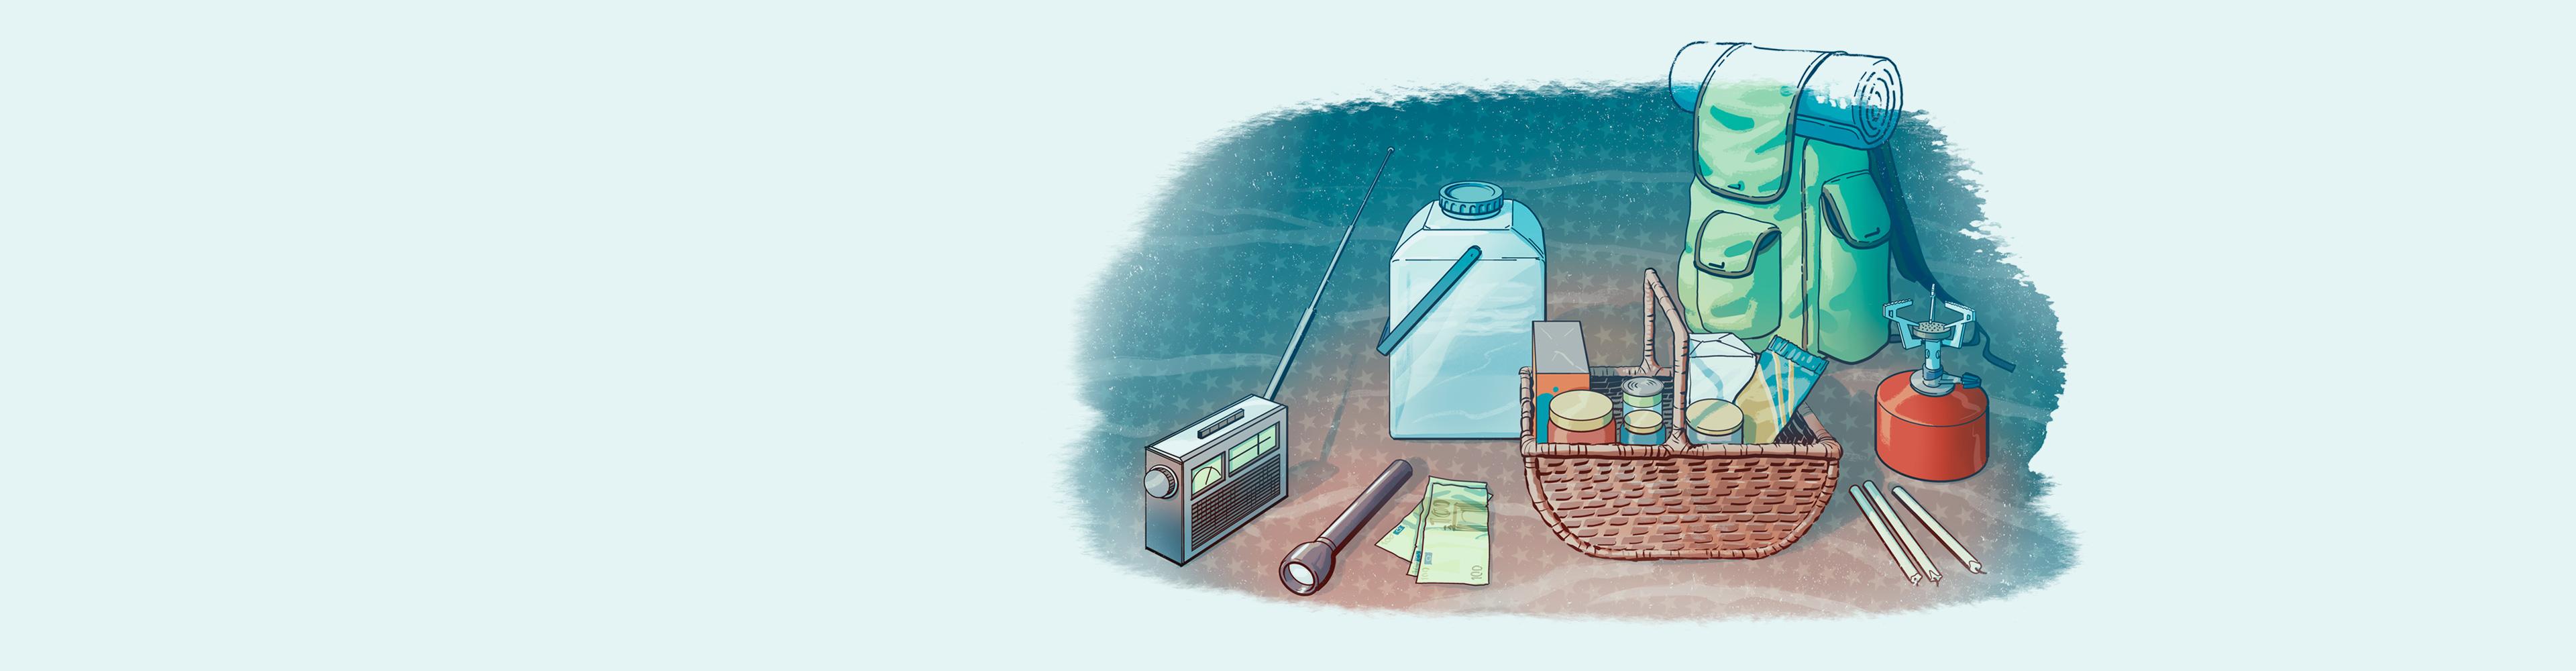 Radio, retkikeitin, vesipullo, taskulamppu ja ruokaa.